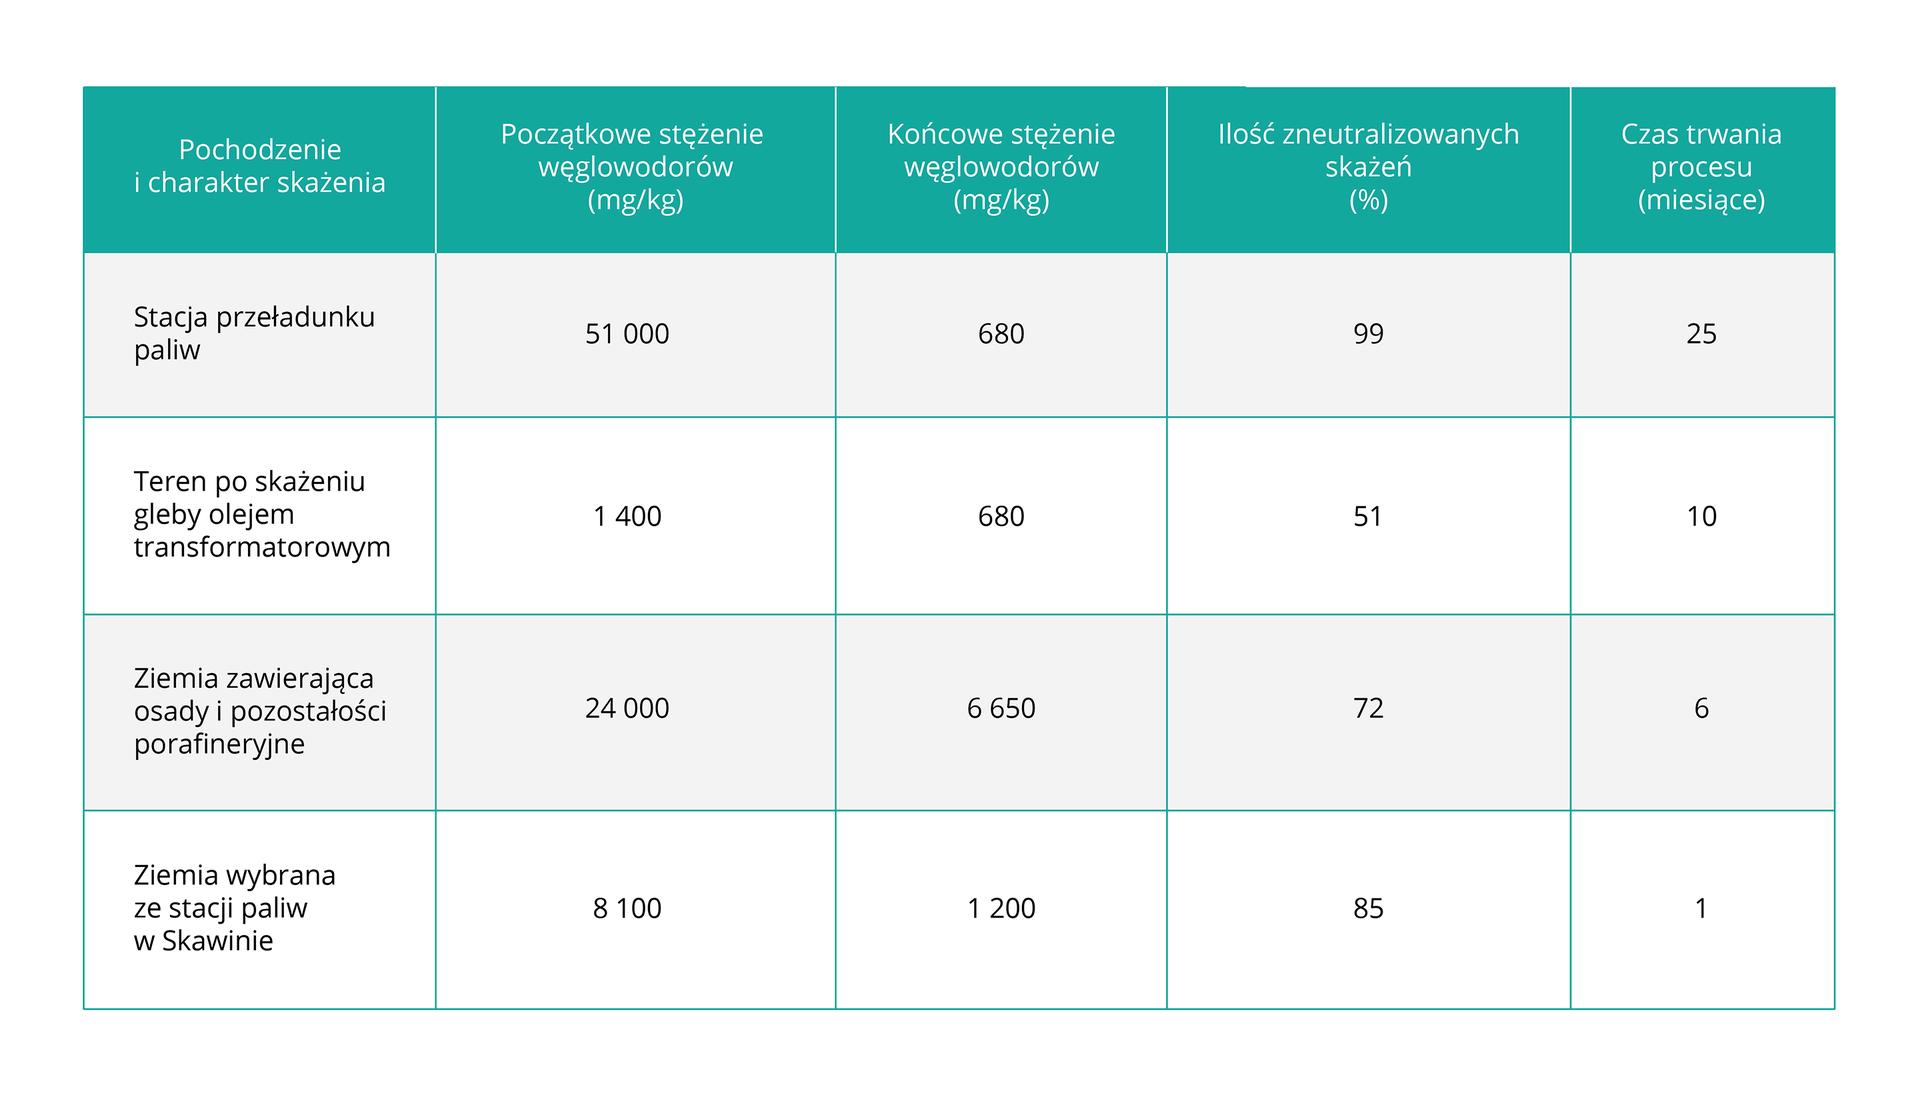 Tabela przestawia tempo bioremediacji skażonej gleby. Ugóry nagłówki wkolorze miętowym wskazują kolumny, opisane od lewej: pochodzenie icharakter skażenia, początkowe stężenie węglowodorów, końcowe stężenie węglowodorów, ilość zneutralizowanych skażeń iczas trwania procesu. Białe wiersze mają napisy od góry: stacja przeładunku paliw, gleba skażona olejem transformatorowym, ziemia zosadami zrafinerii, ziemia ze stacji paliw wSkawinie. Na przecięciu kolumn iwierszy znajdują się odpowiednie wartości liczbowe.